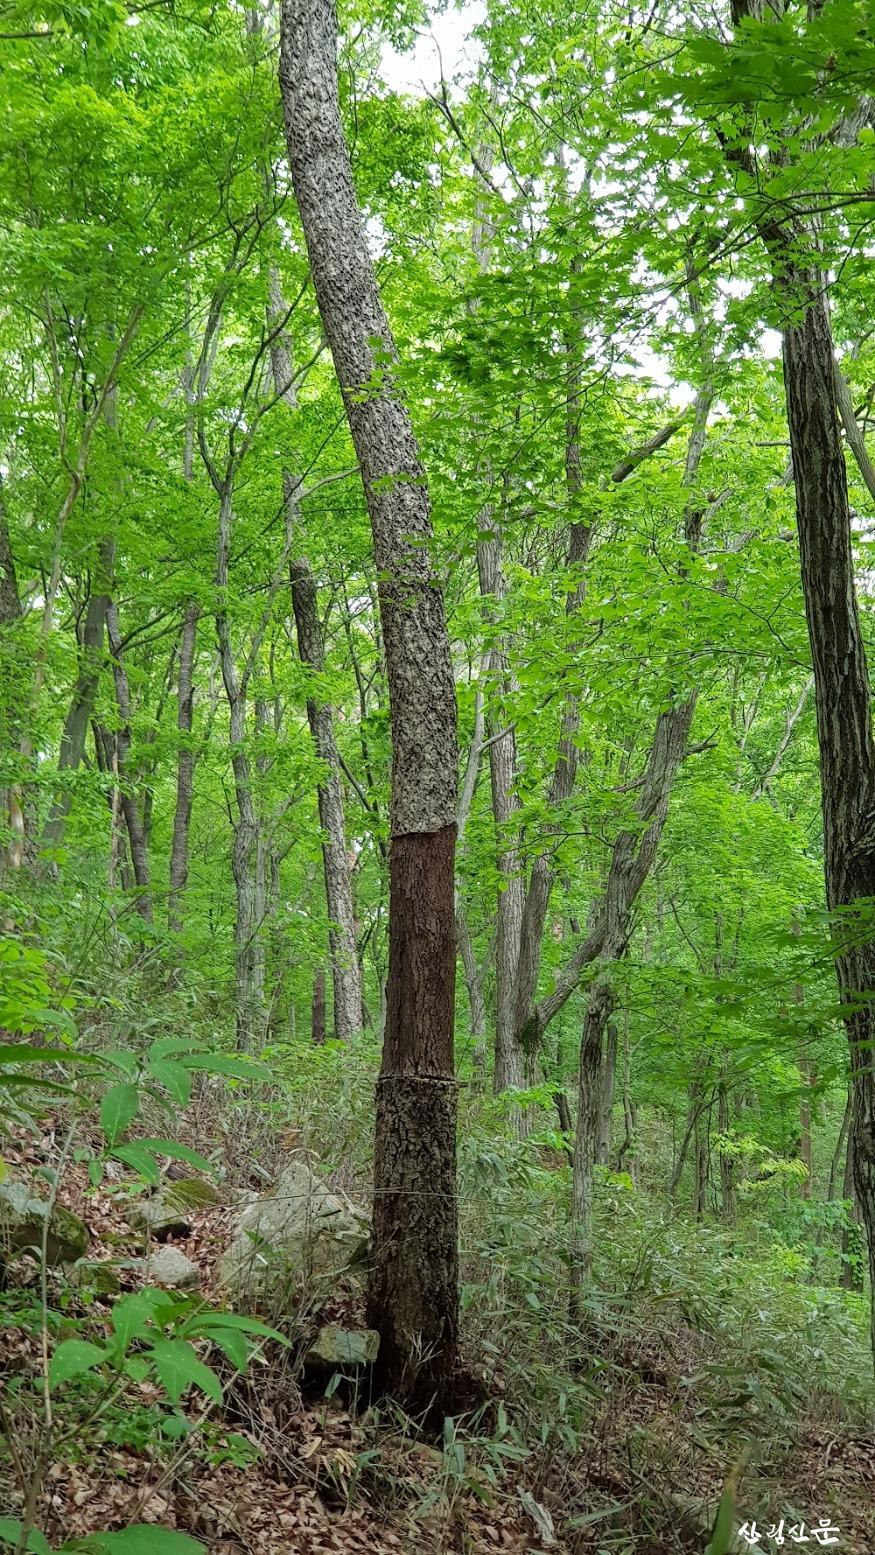 굴참나무 나무껍질(수피) 벗김 피해.jpg